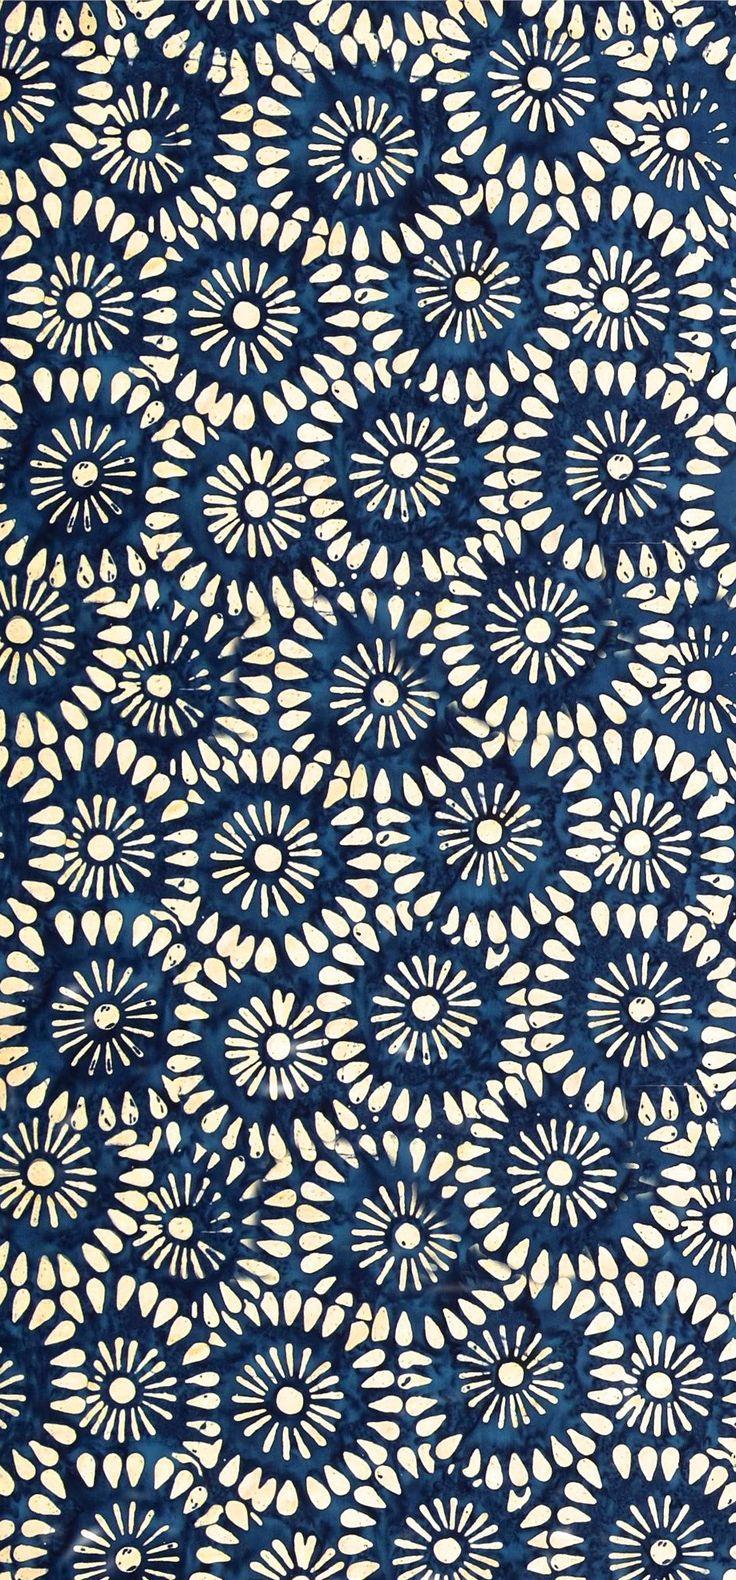 17 best images about patterns on pinterest vintage. Black Bedroom Furniture Sets. Home Design Ideas